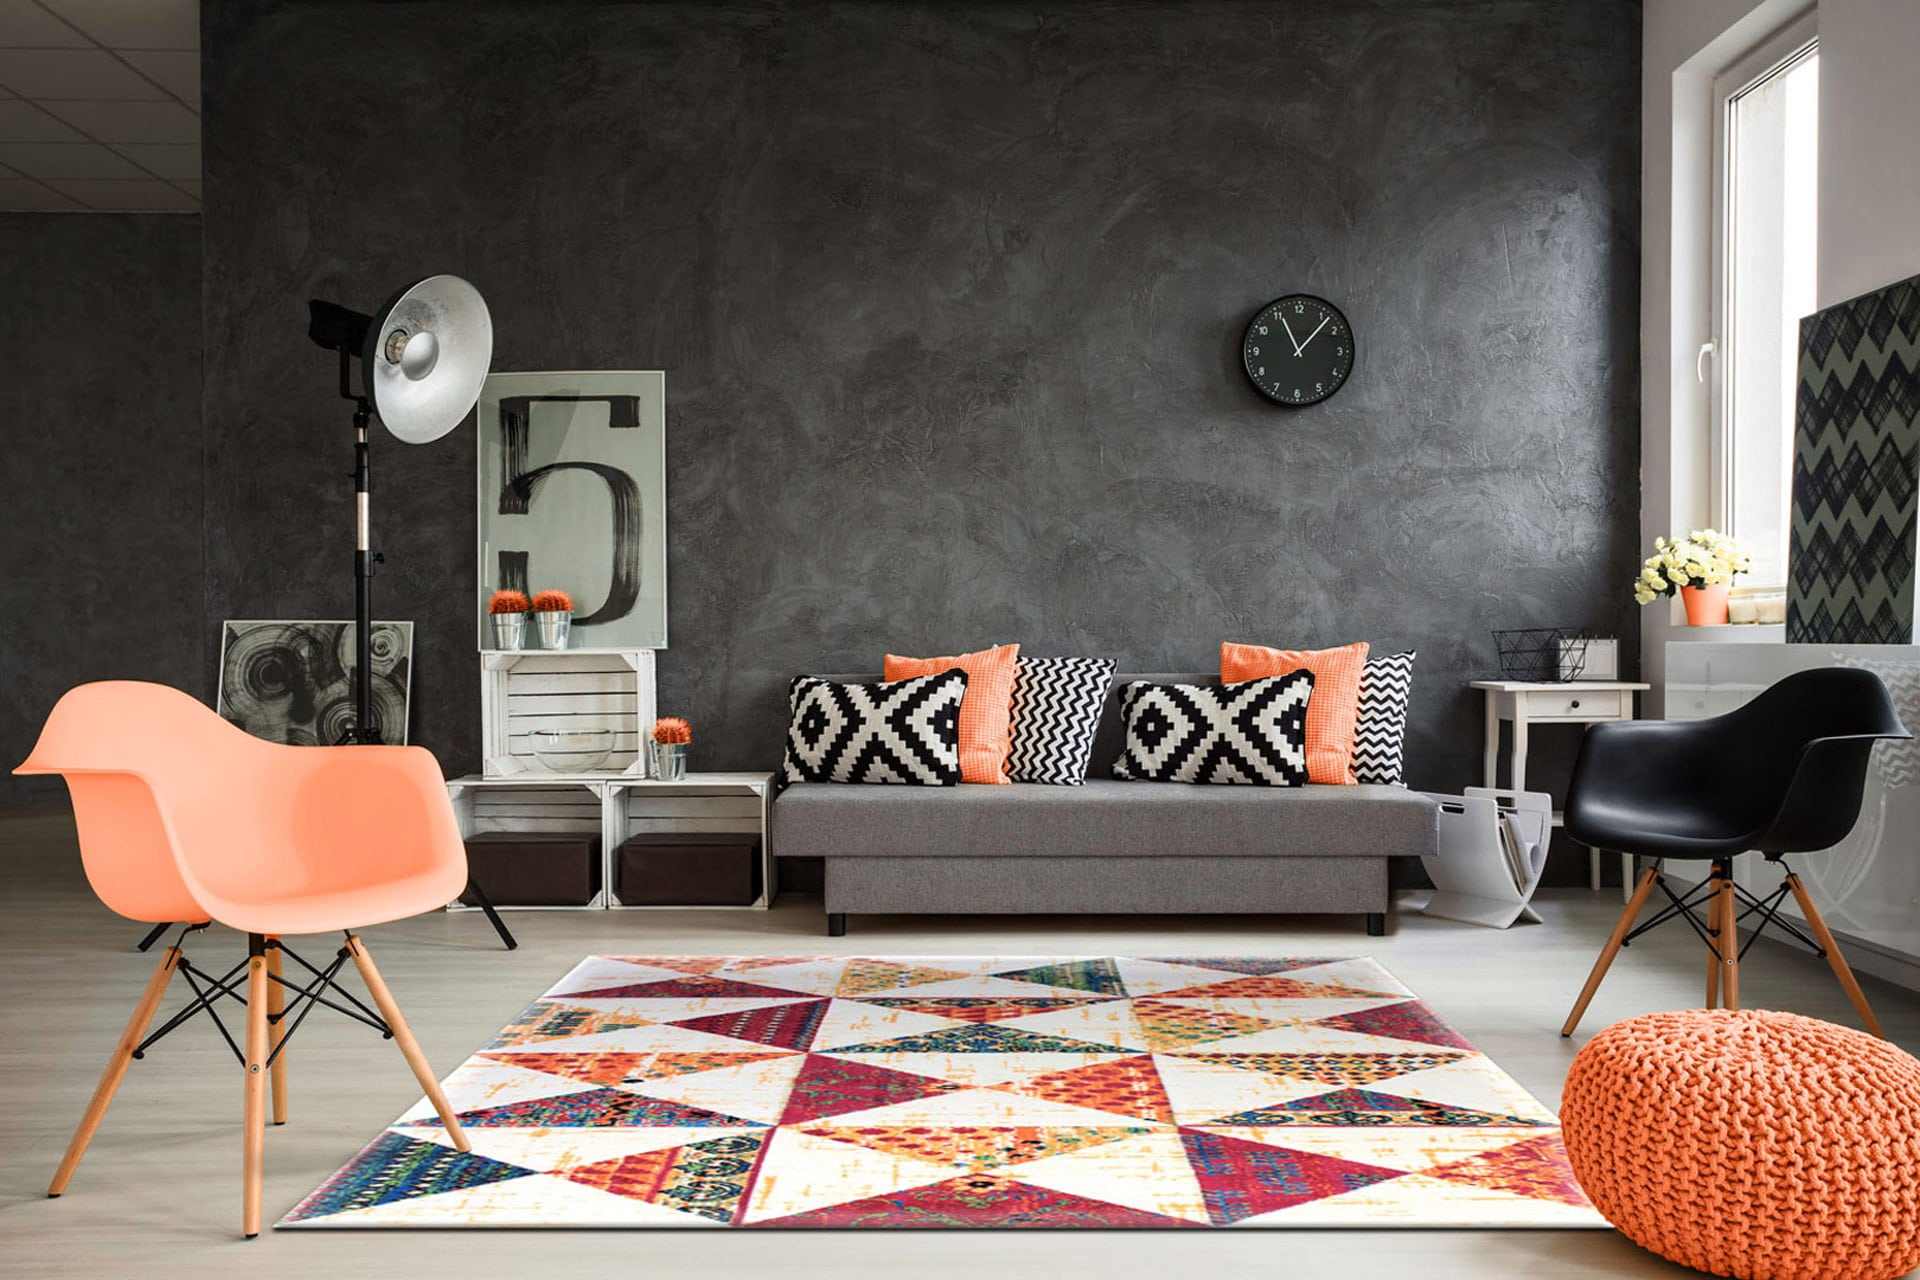 Canapé Campagne Chic Pas Cher un tapis de salon pour un relooking rapide ! - deladeco.fr